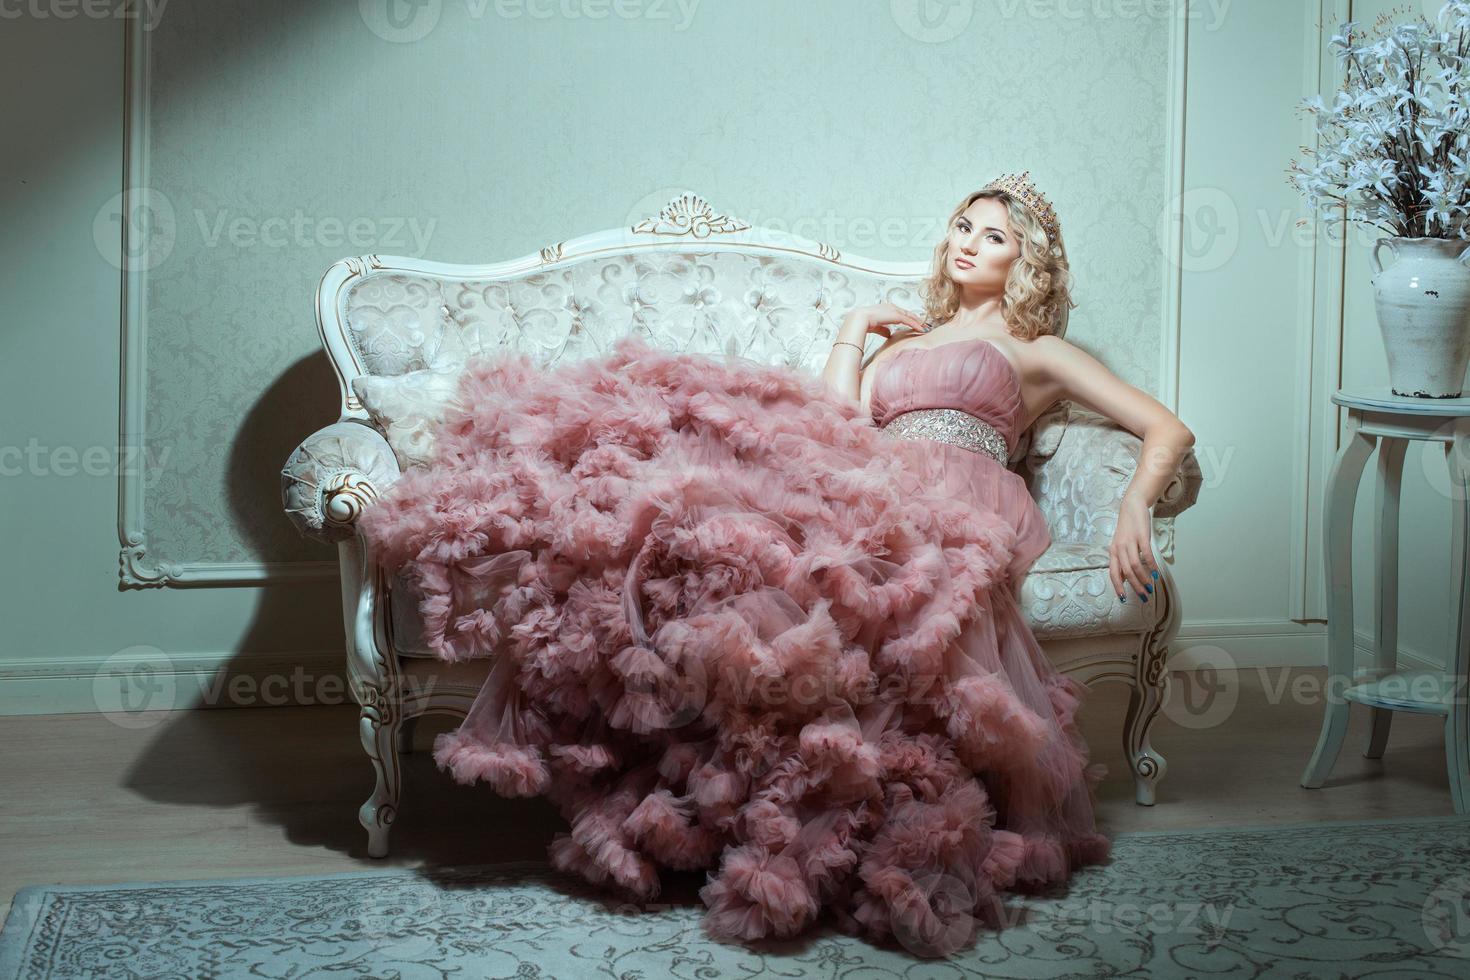 meisje in een prachtige jurk, zittend op de bank. foto